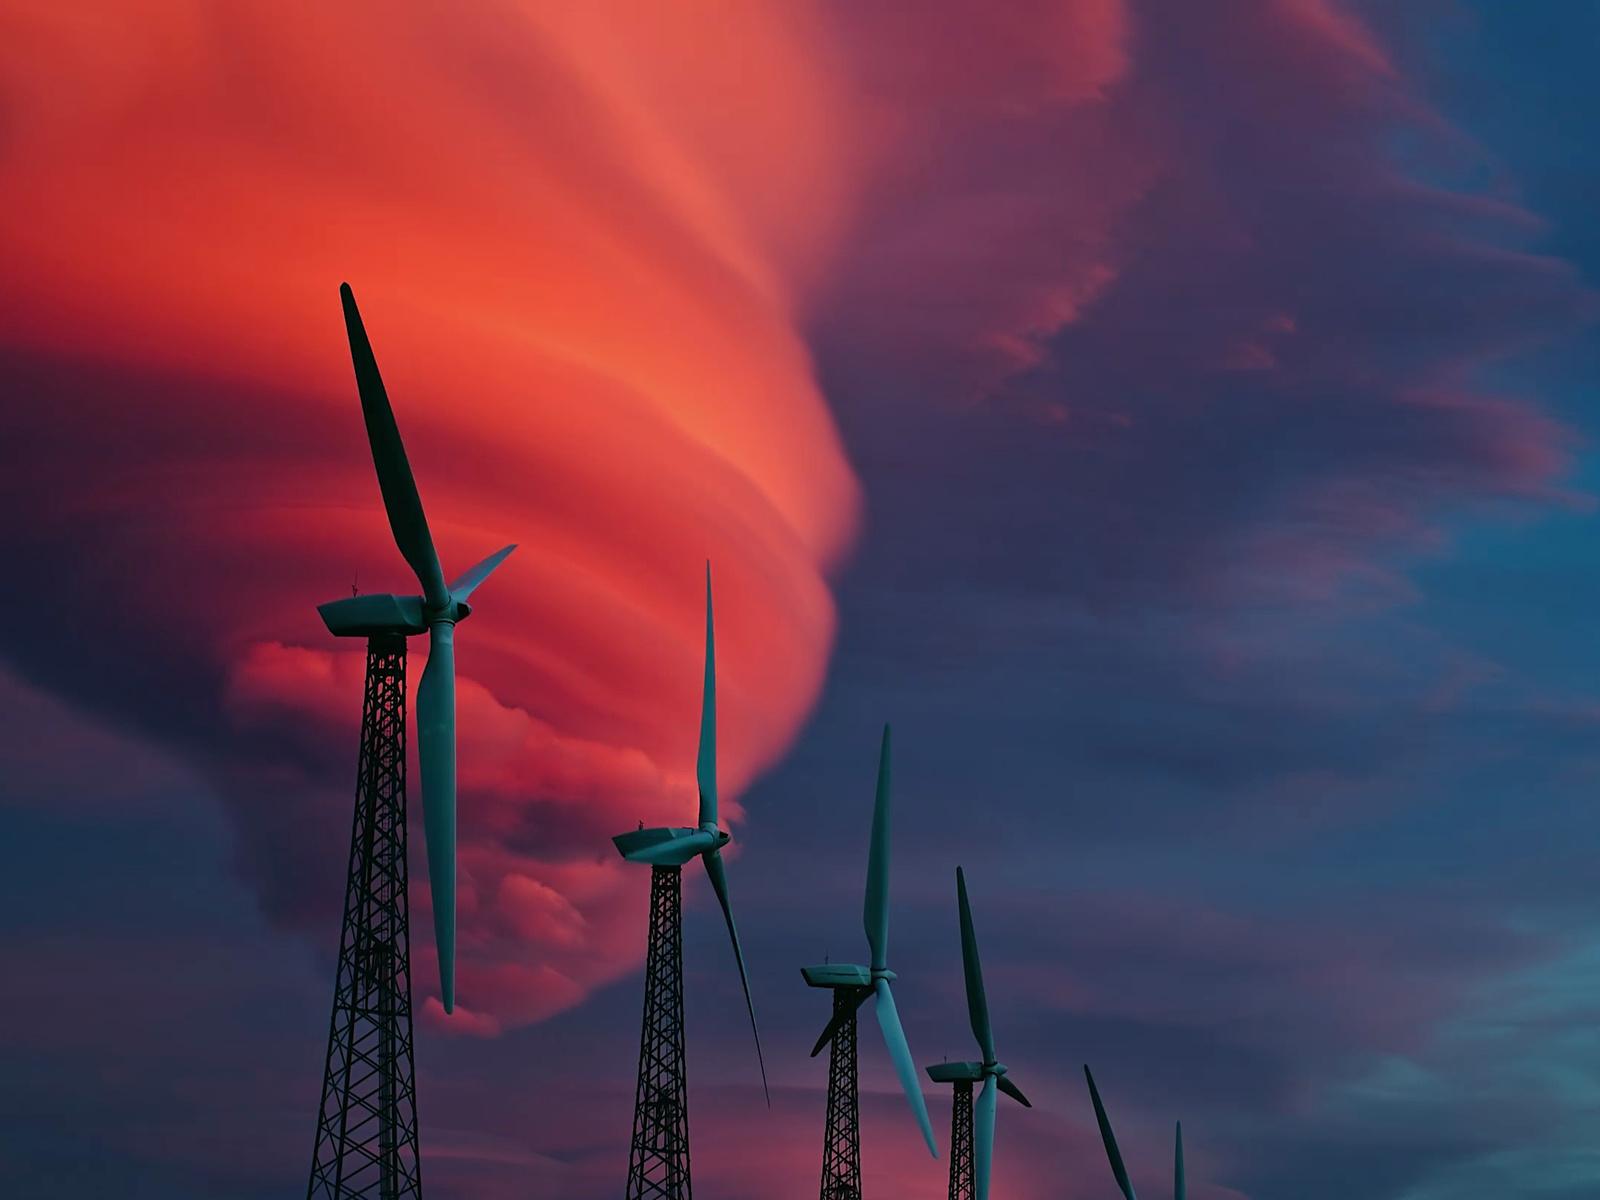 Чтобы альтернативная энергосистема работала без перебоев, придется создать в три раза больше источников «зеленой» энергии